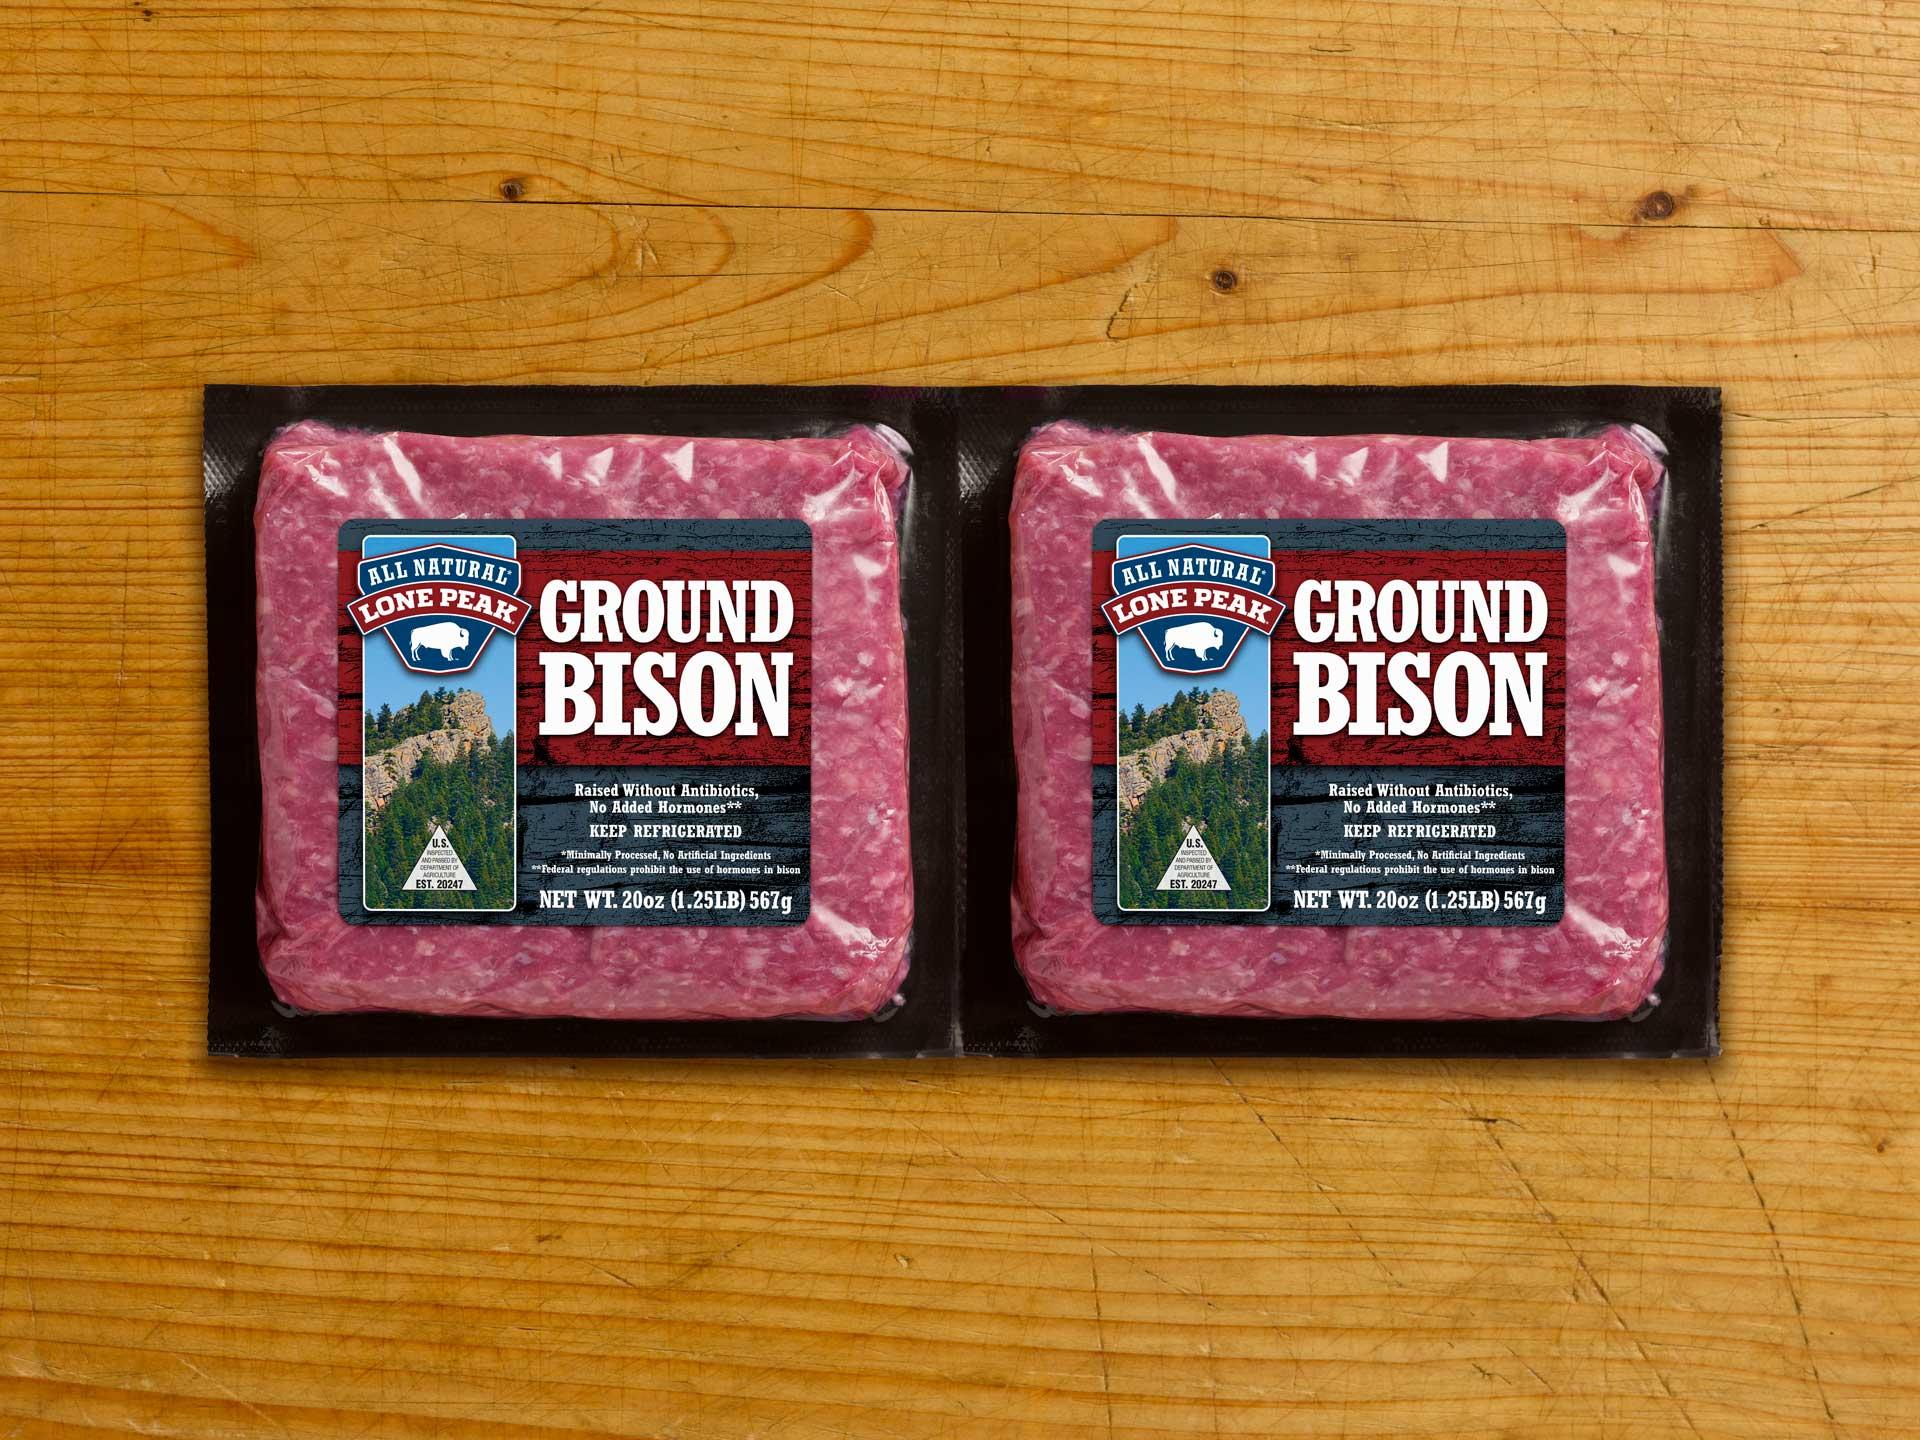 Lone Peak Ground Bison